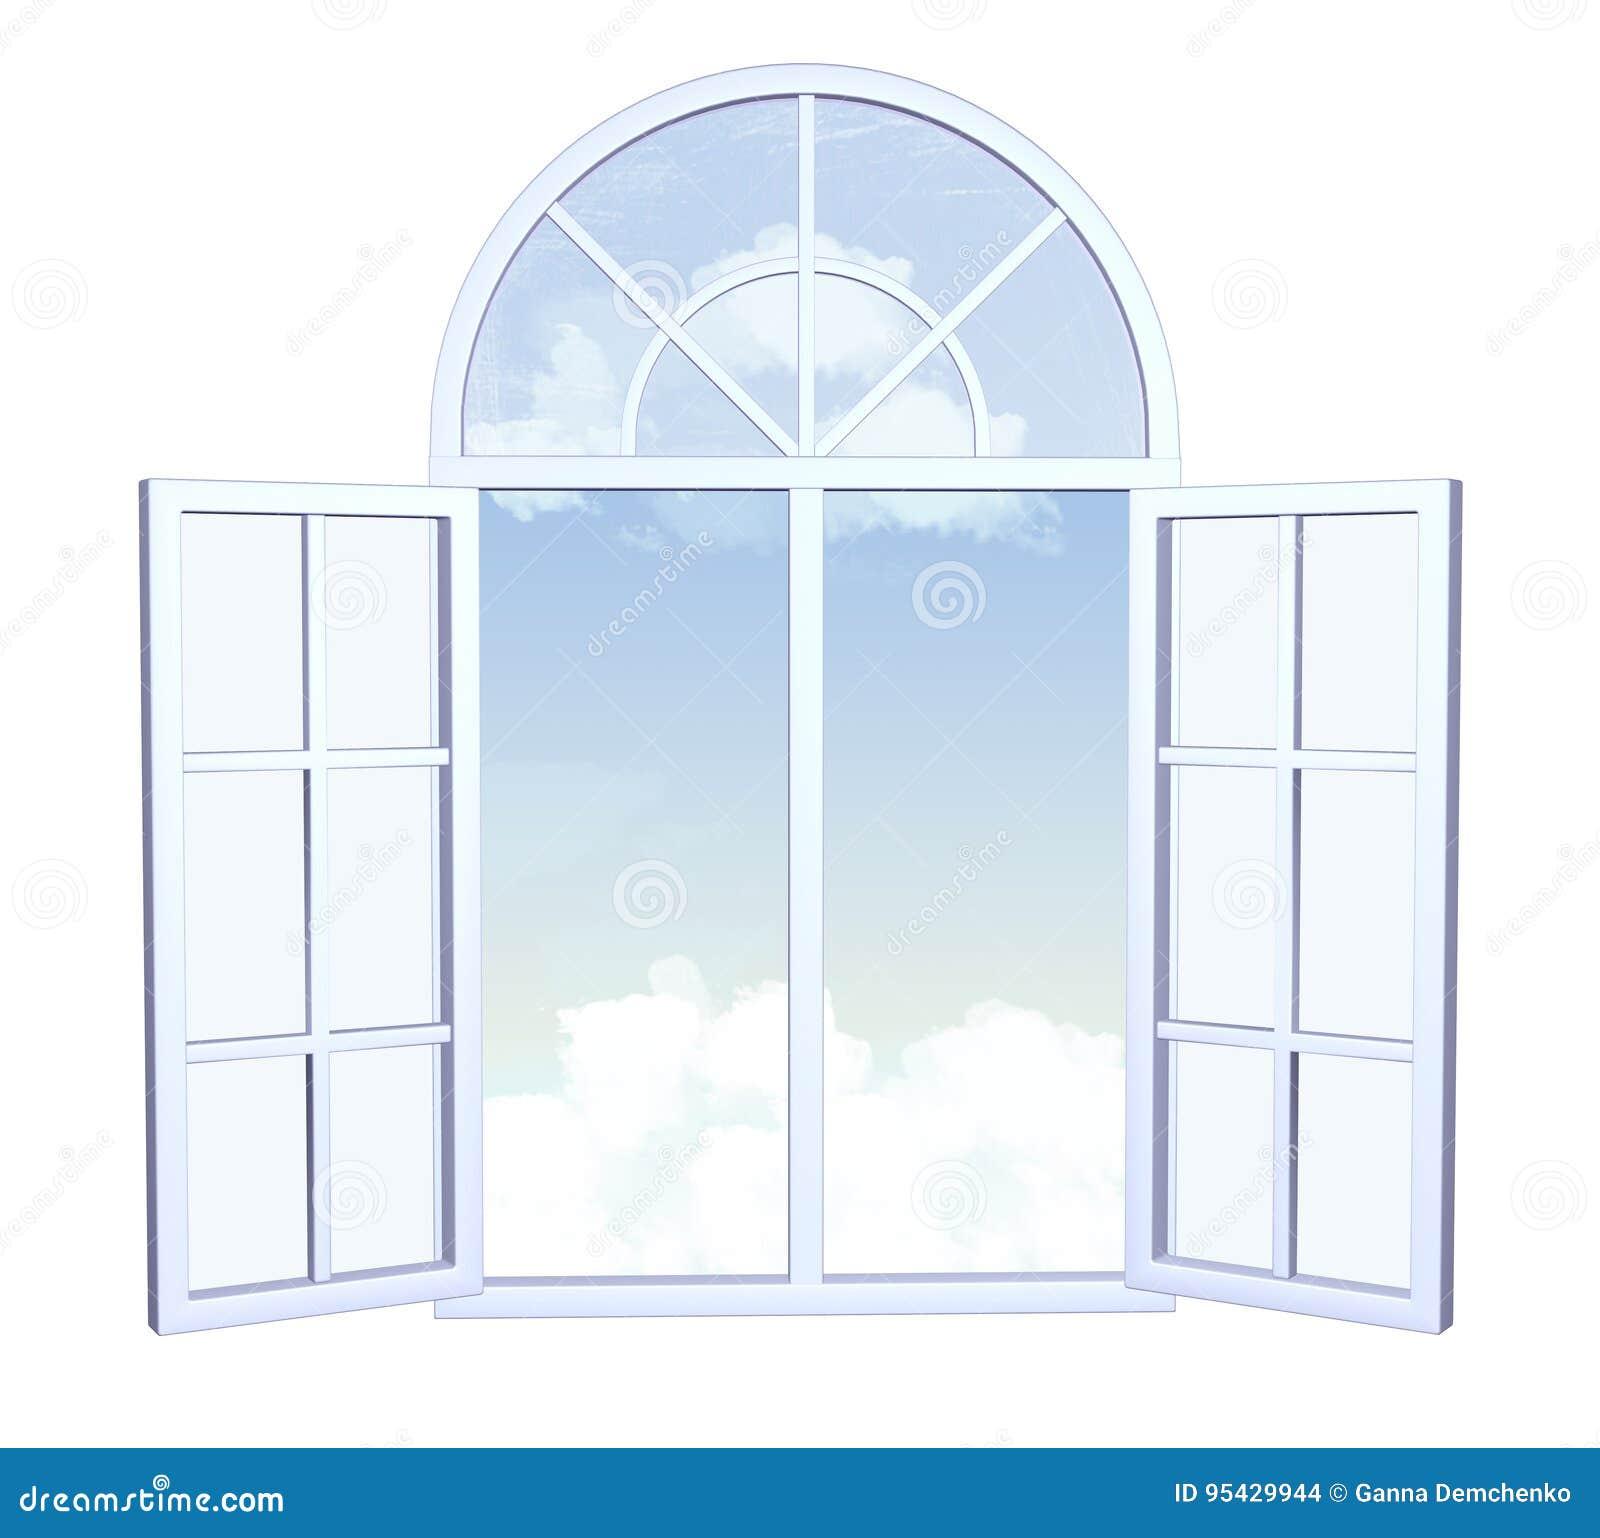 Offenes fenster himmel  Breites Offenes Fenster Mit Himmel Und Wolken Außerhalb Des ...